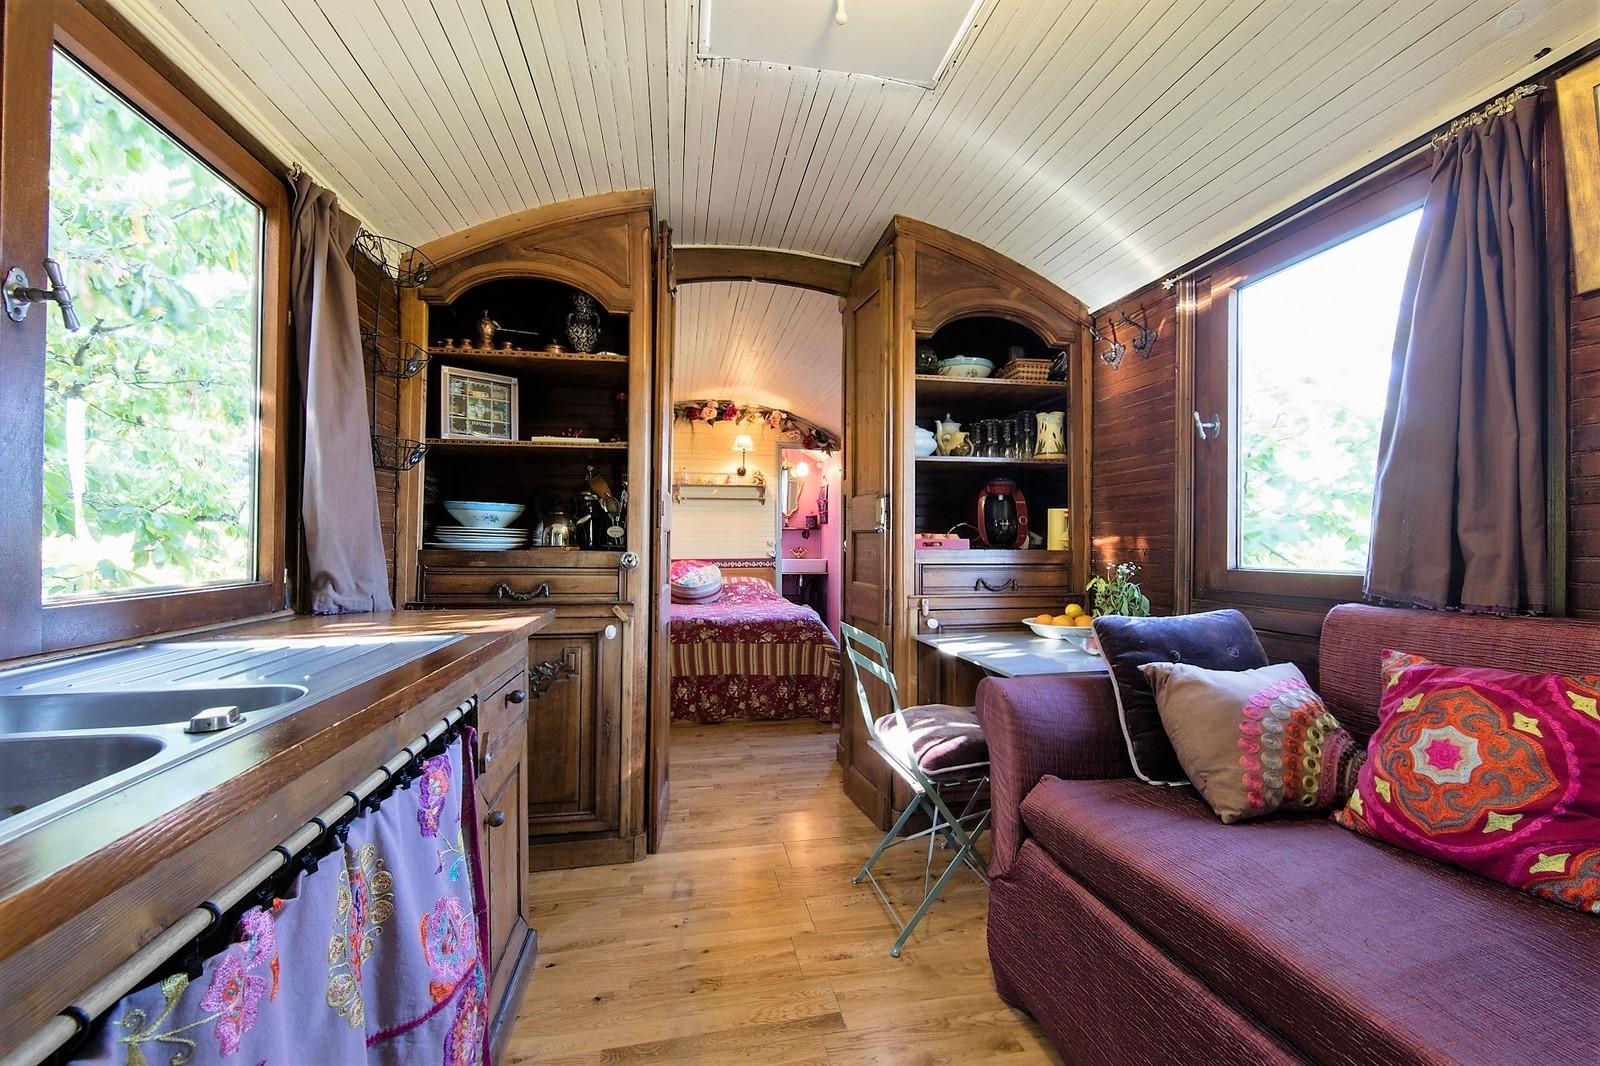 la cuisine gauche le lit banquette droite la chambre au milieu et la salle de bain au fond. Black Bedroom Furniture Sets. Home Design Ideas